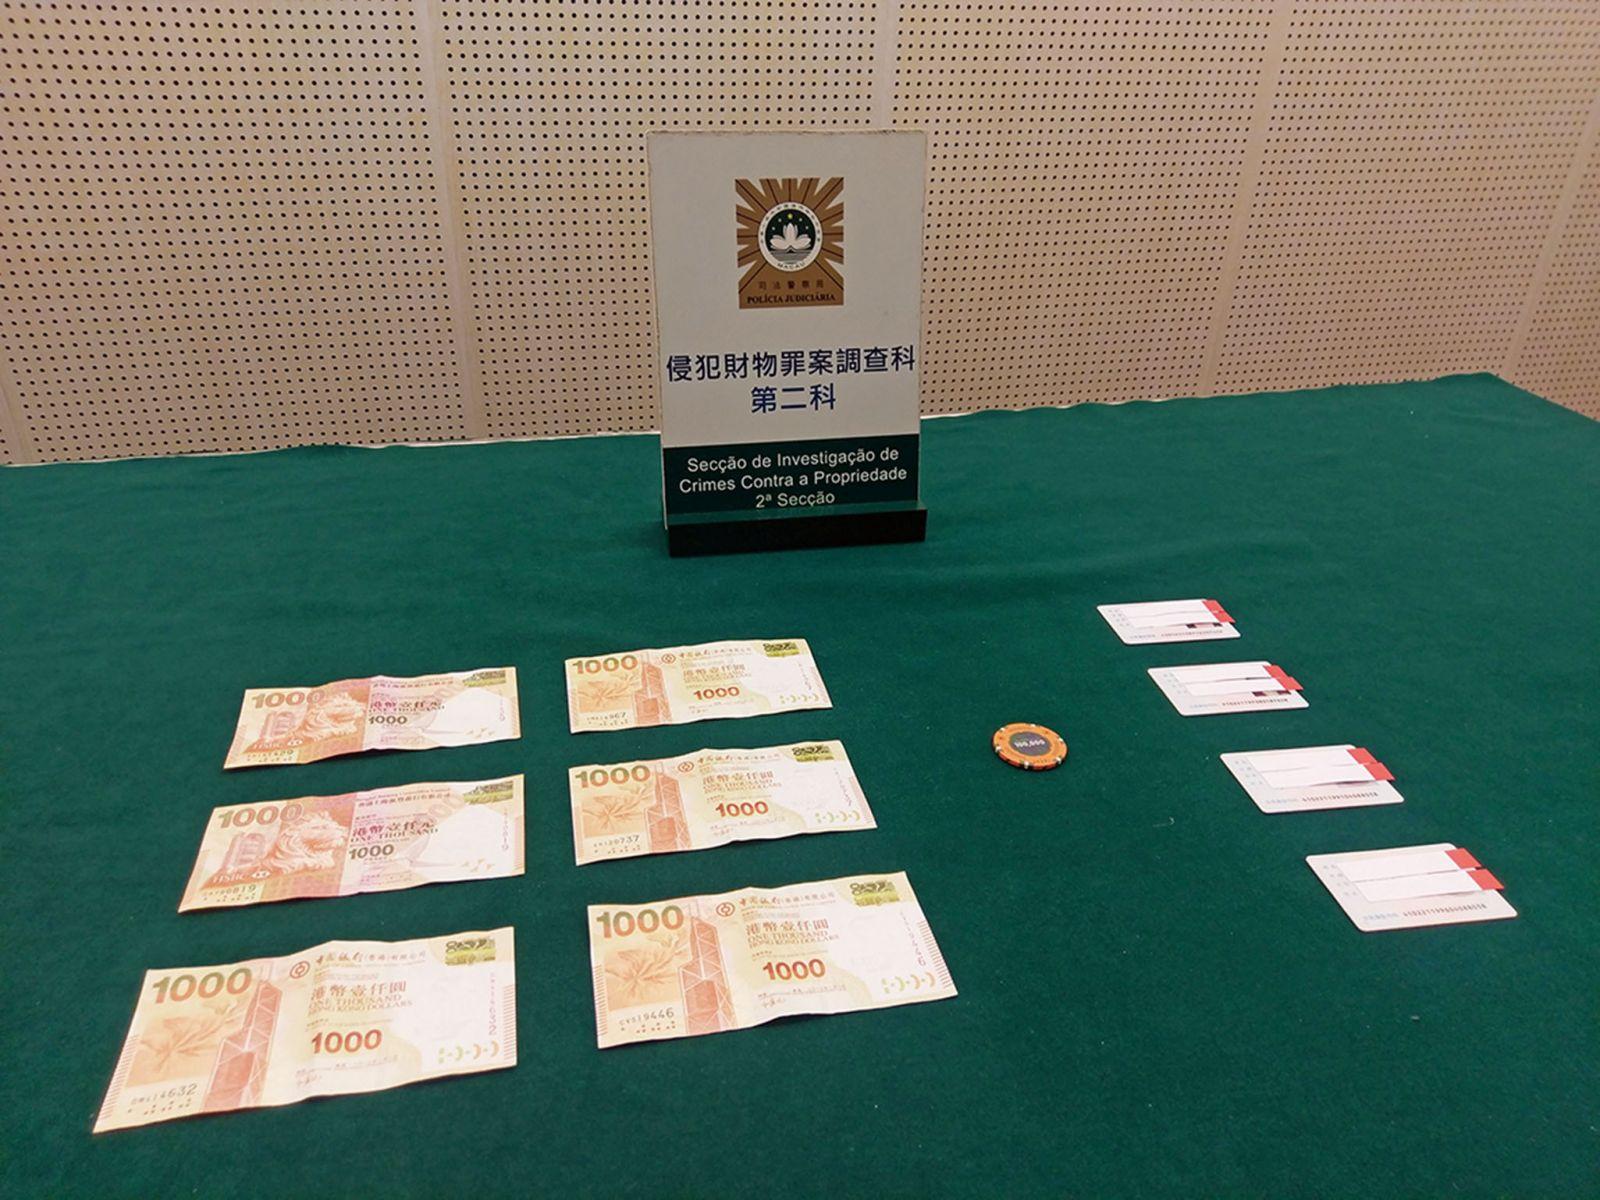 偷同房十萬元籌碼被捕